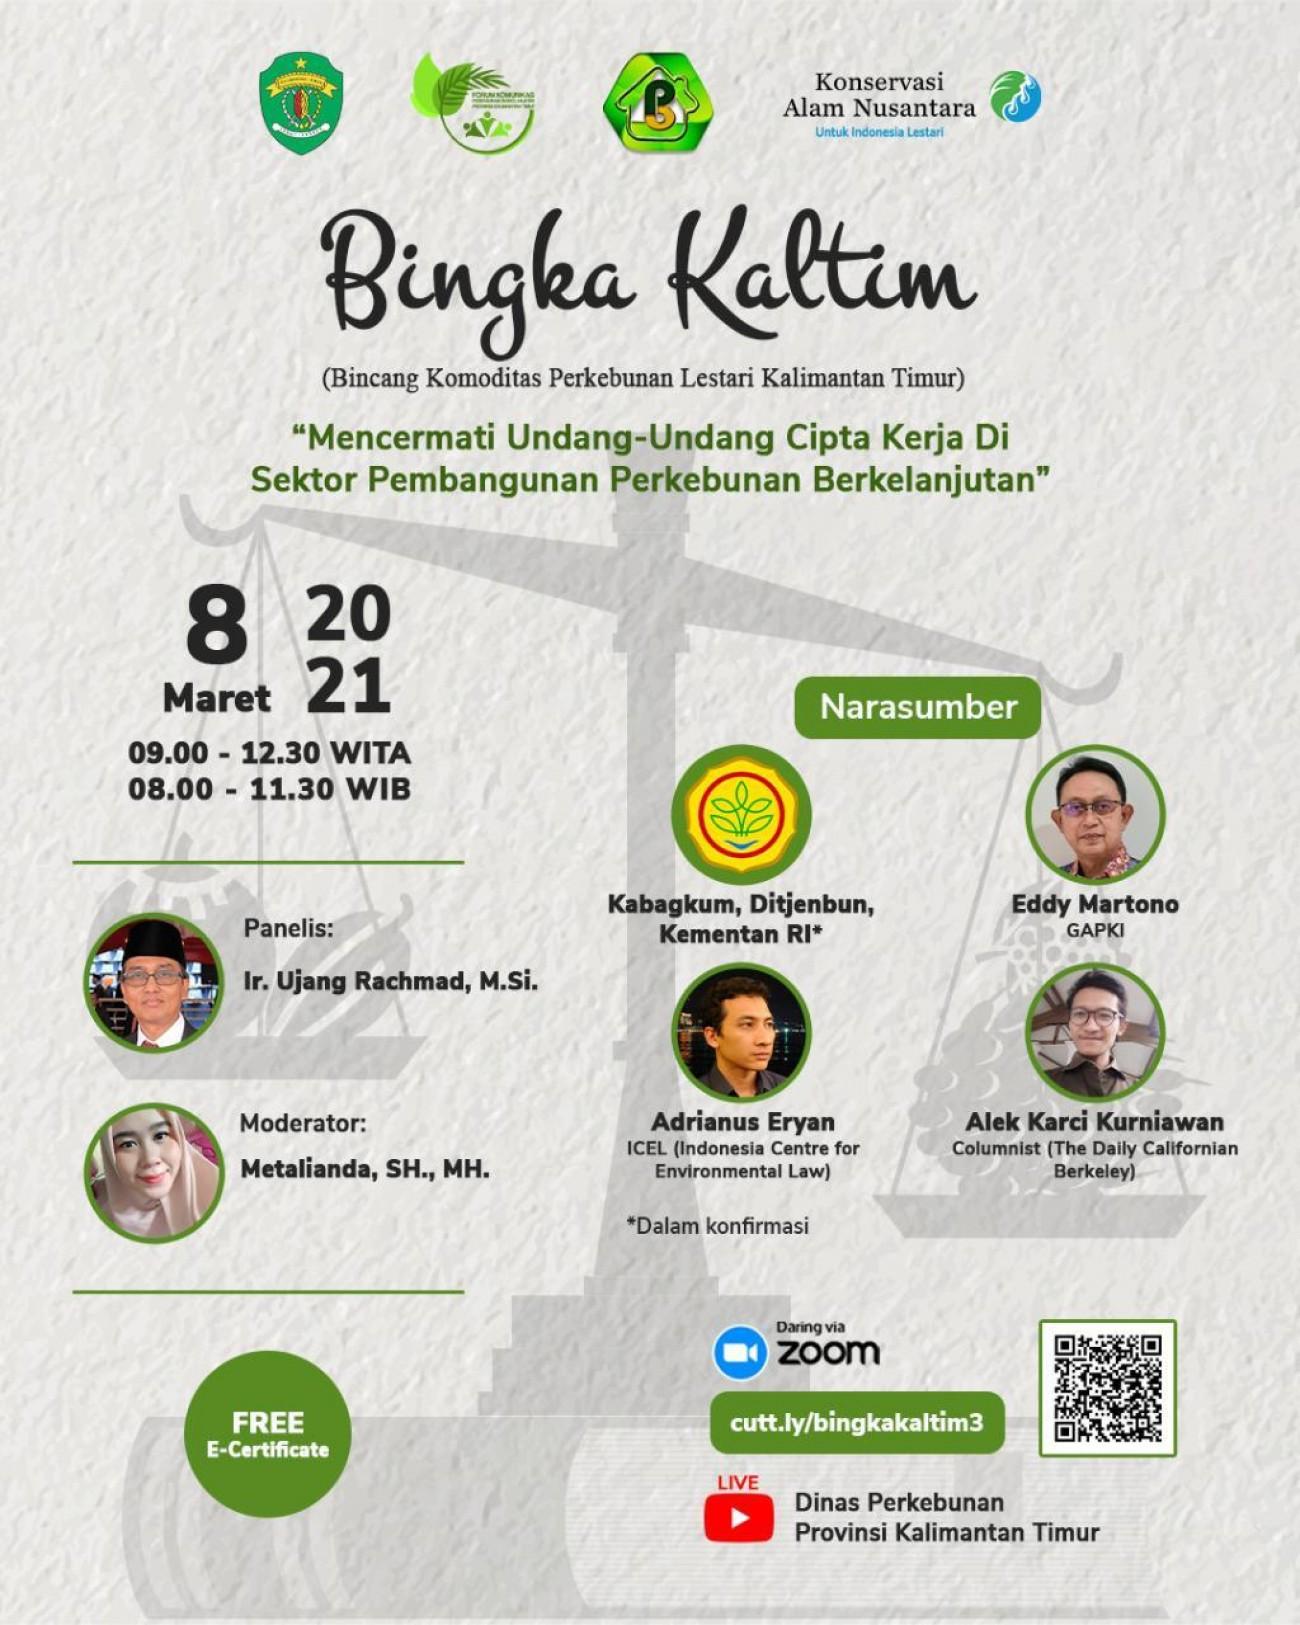 Bincang Komoditas Perkebunan Lestari Kalimantan Timur (Bingka Kaltim) #3